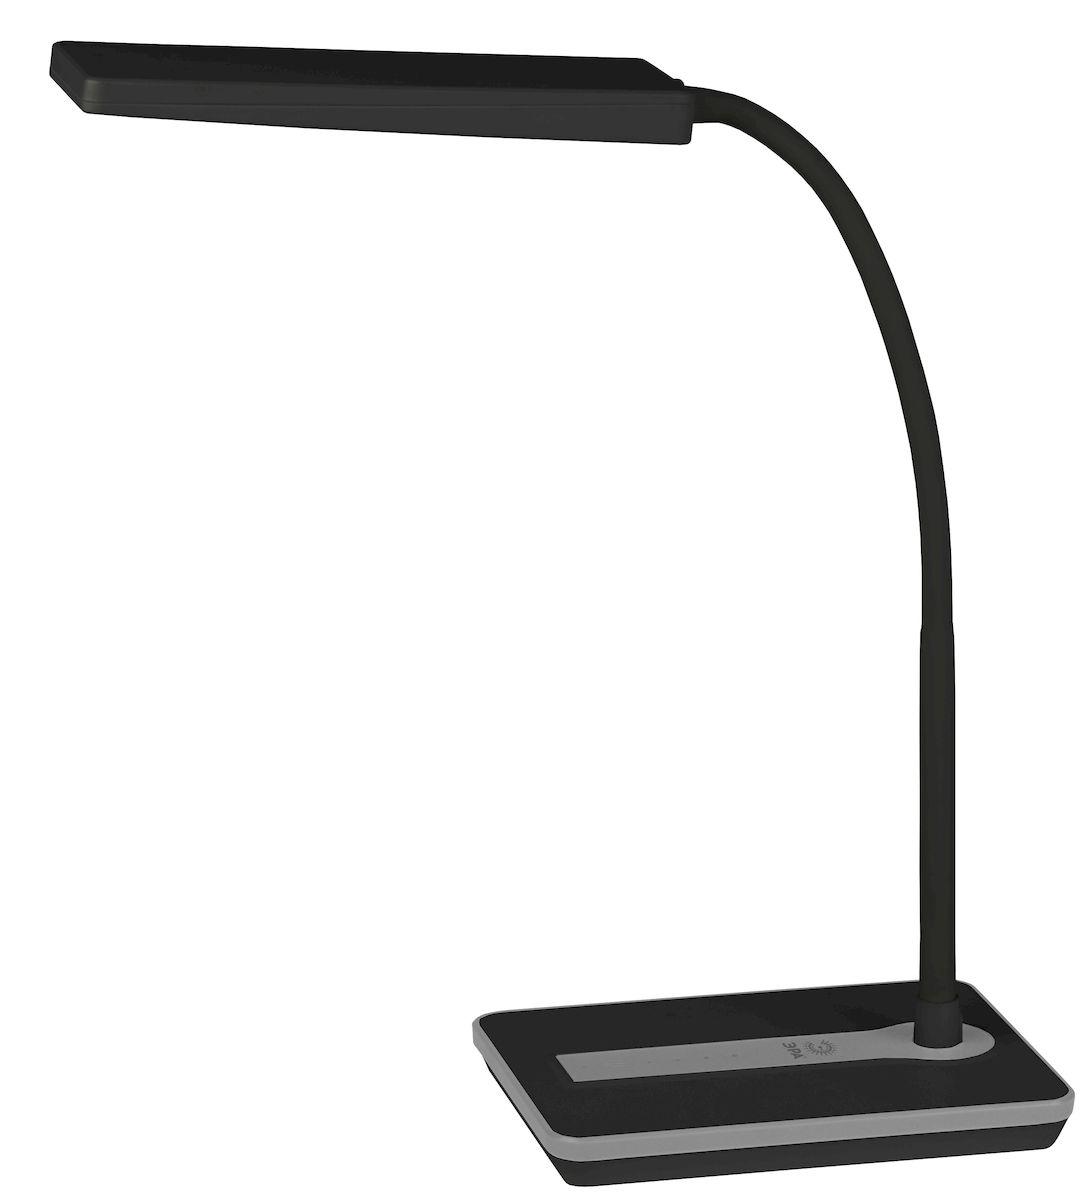 Настольный светильник ЭРА NLED-446-9W-BK, цвет: черныйNLED-446-9W-BKСветильник со светодиодами (LED) в качестве источников света, которые экономят до 90% электроэнергии и не требуют замены на протяжении всего срока службы светильника. Сенсорный переключатель на основании. Четырехступенчатый диммер для регулировки яркости. Высота плафона регулируется гибкой стойкой, направление света регулируется поворотом плафона в любом направлении. Теплый свет, аналогичный свету лампы накаливания - цветовая температура 3000К.